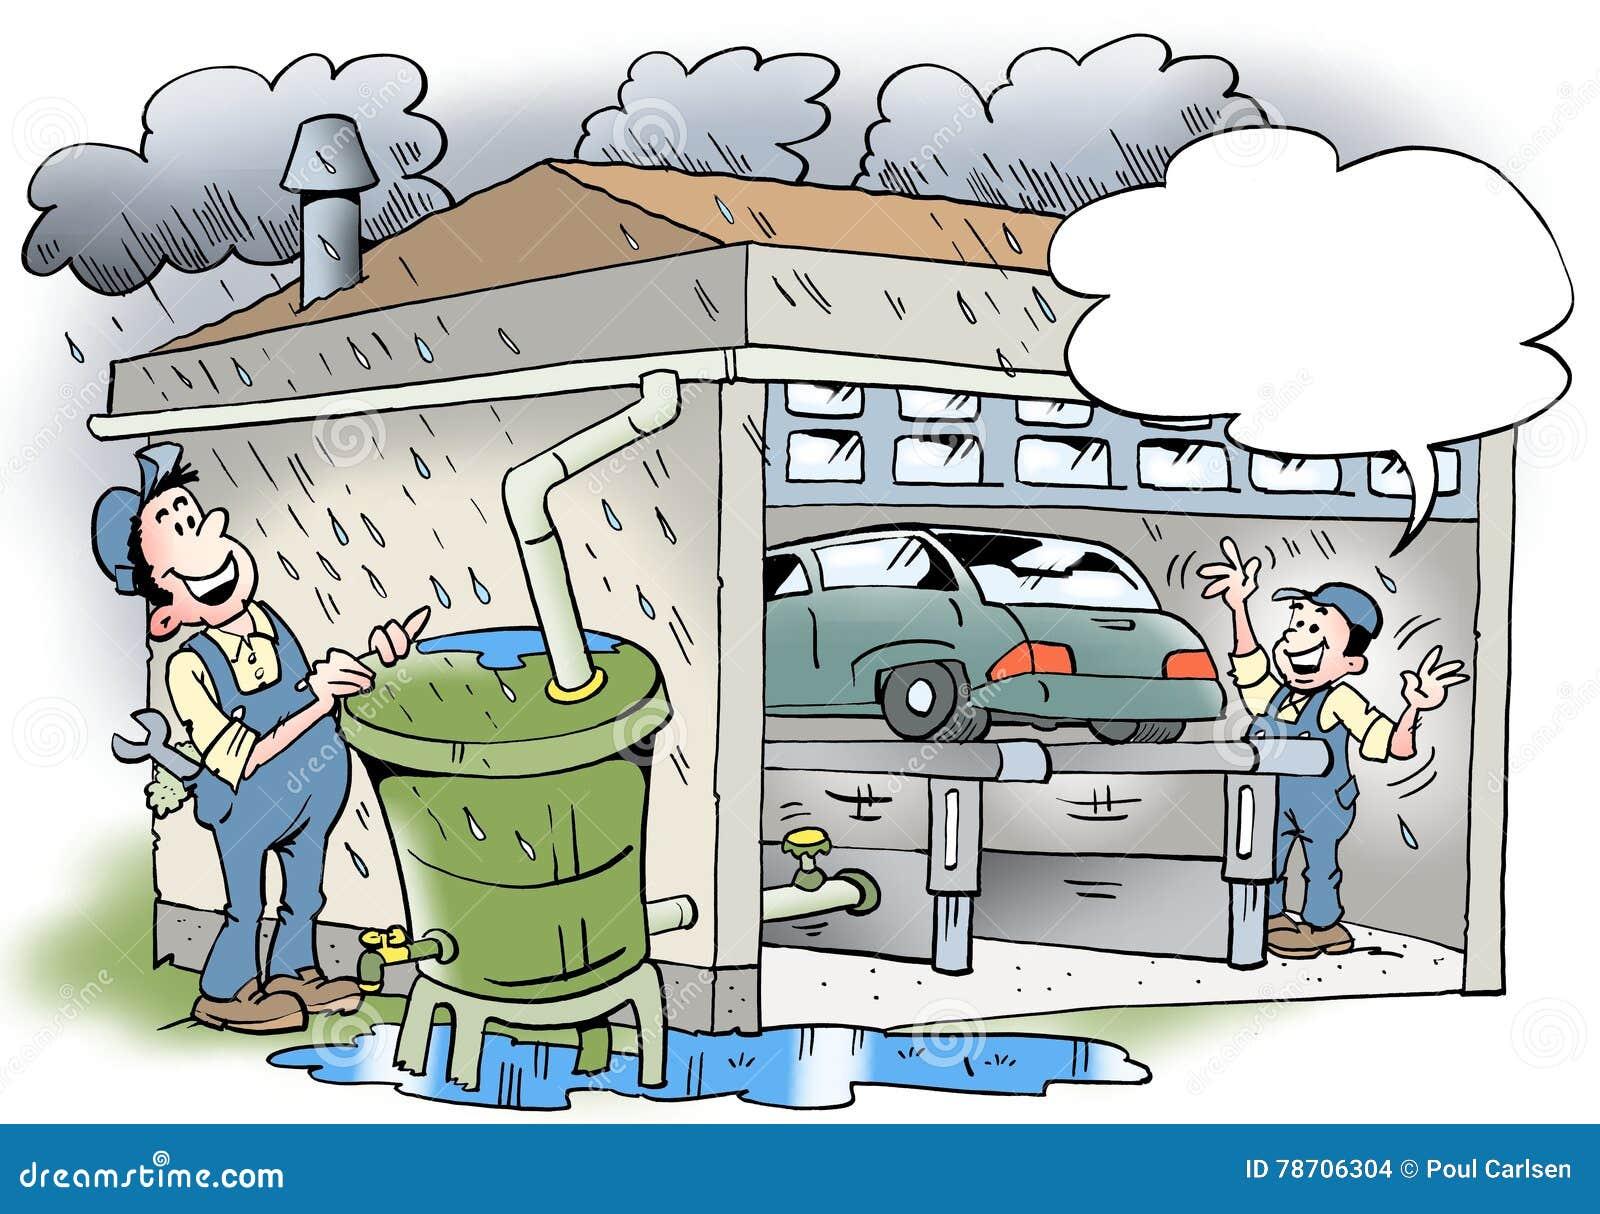 Απεικόνιση κινούμενων σχεδίων ενός εργαστηρίου που recyling νερό